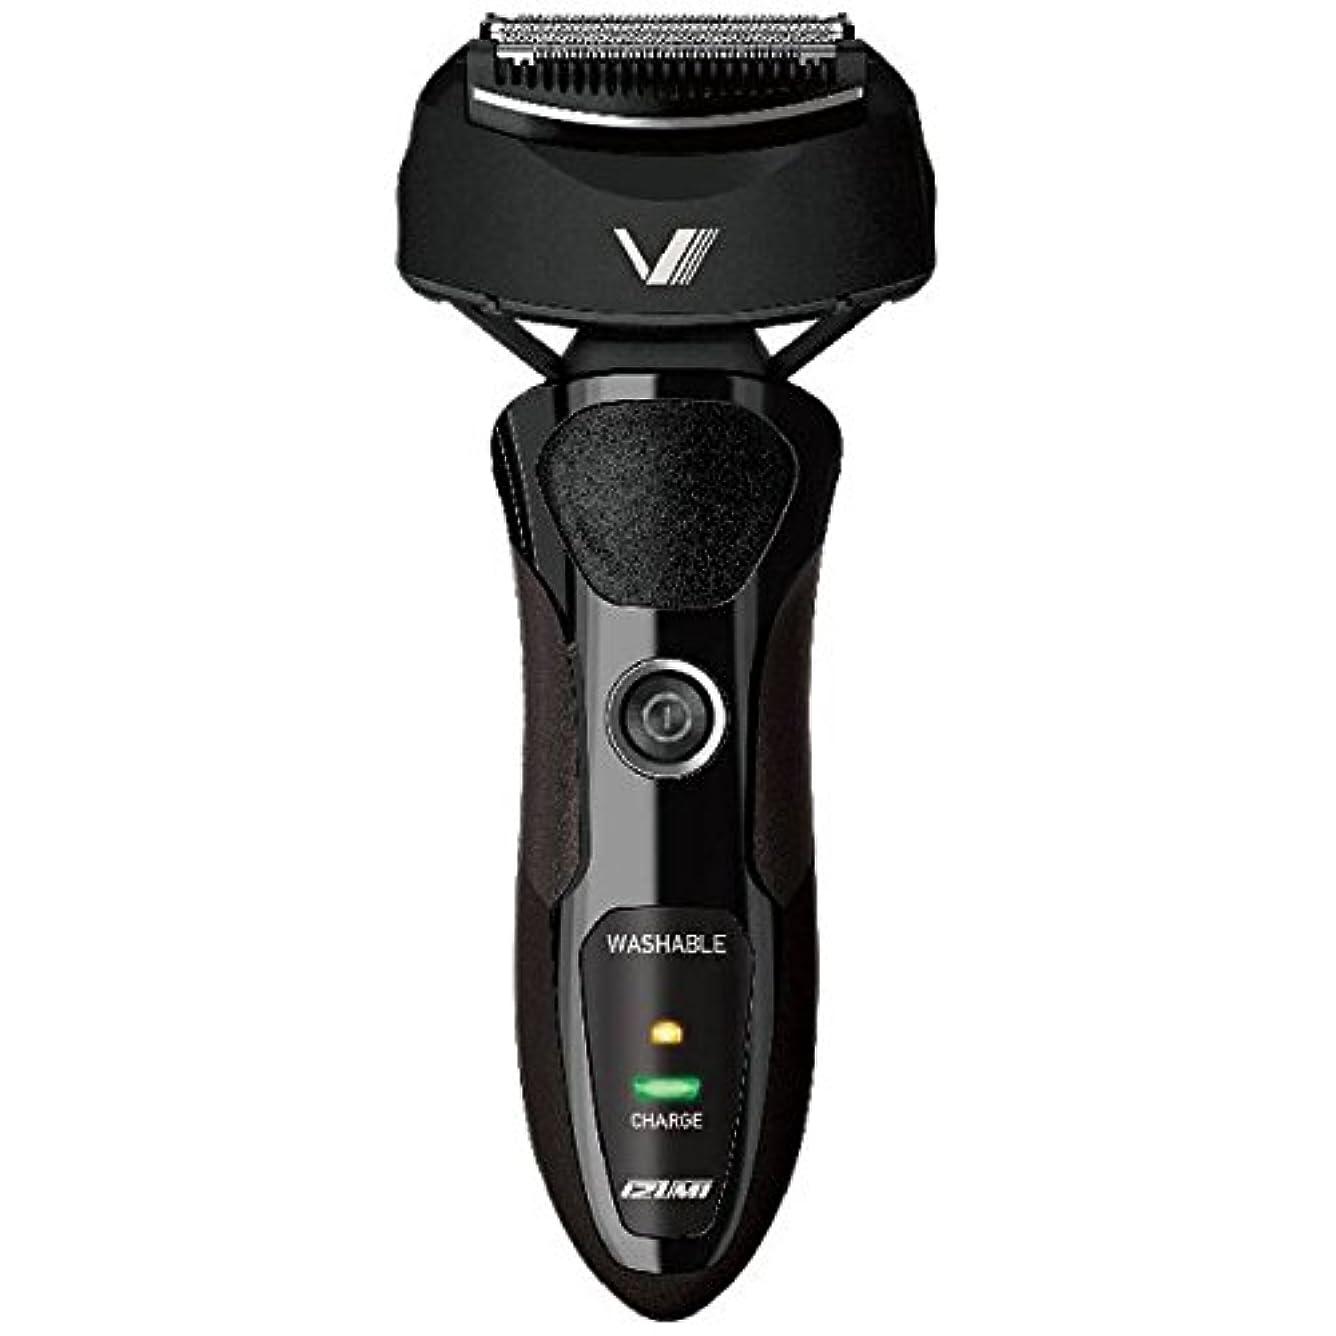 伝染性過剰凍るIZUMI VIDAN 往復式シェーバー 深剃りシリーズ 3枚刃 ブラック IZF-V36-K